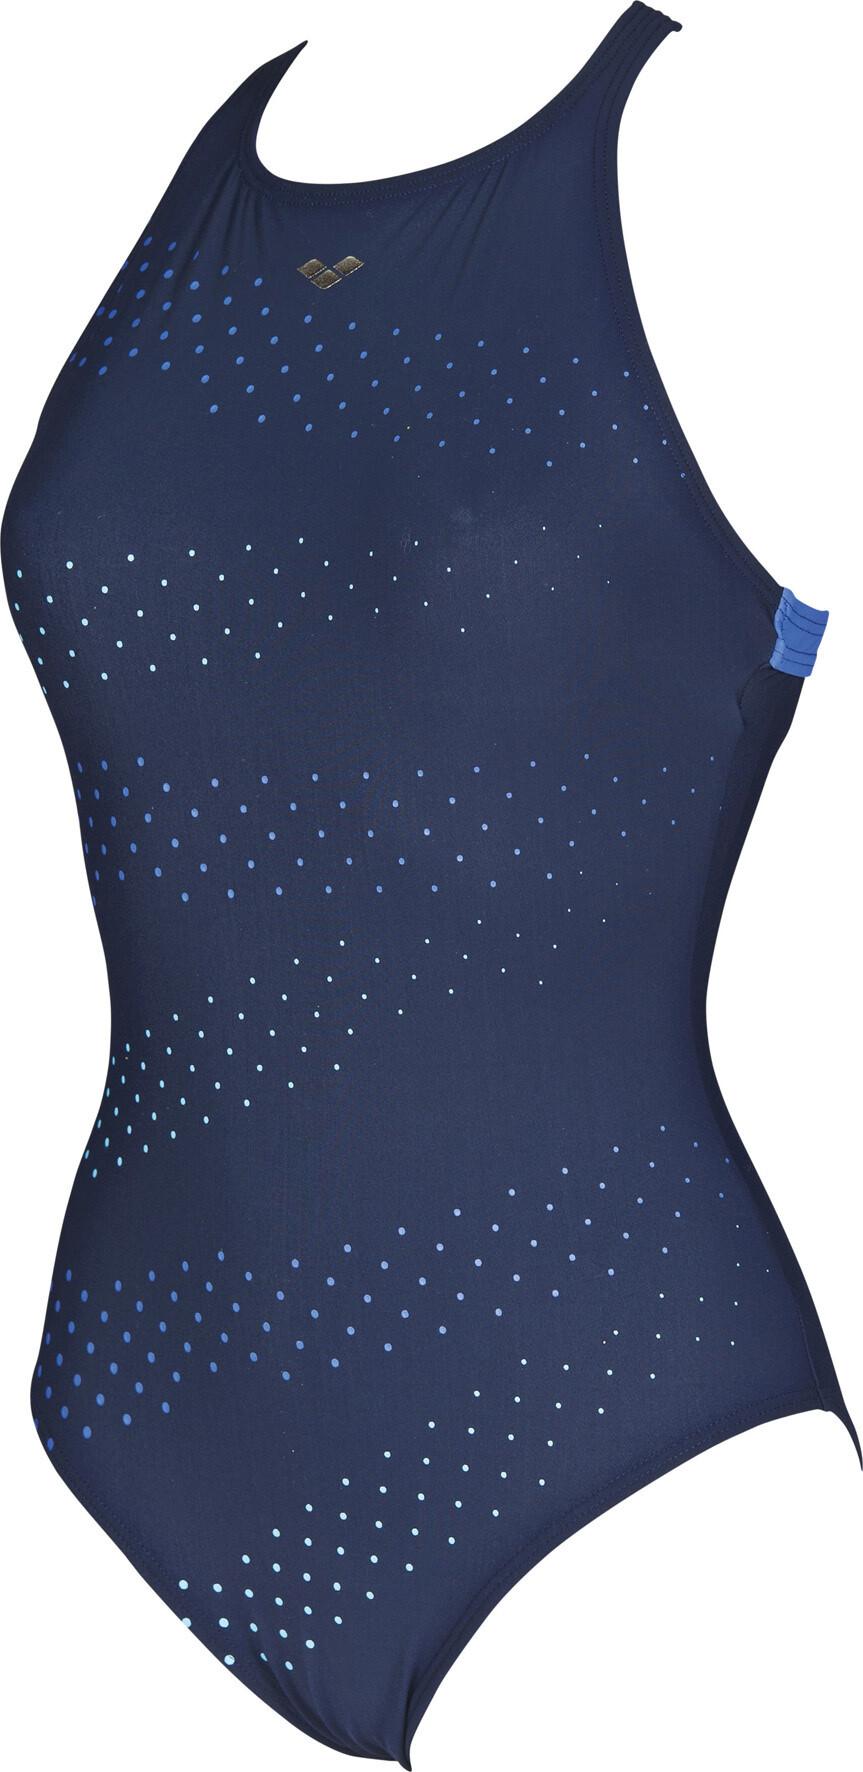 arena Leda Embrace Back Badedragt Damer, navy-bright blue (2019) | swim_clothes